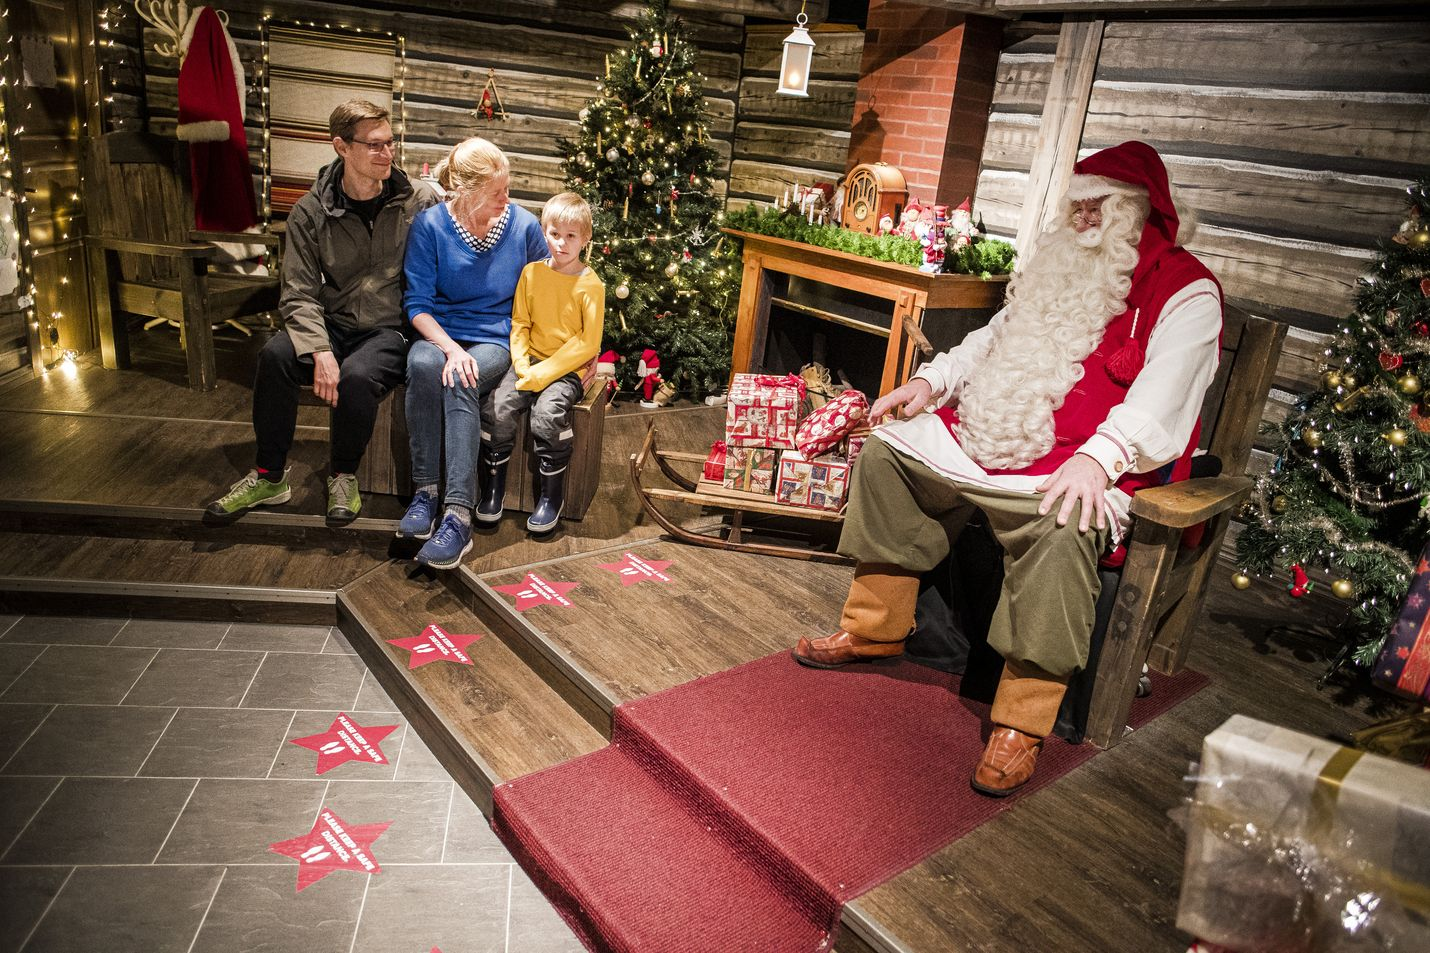 Sampo Voima, Johanna Kalja-Voima ja heidän Ilmari-poikansa ovat tulleet tapaamaan joulupukkia Rovaniemen napapiirille. Poikkeusoloissakin joulupukin tapaaminen jännittää perheen pienempiä kovasti.